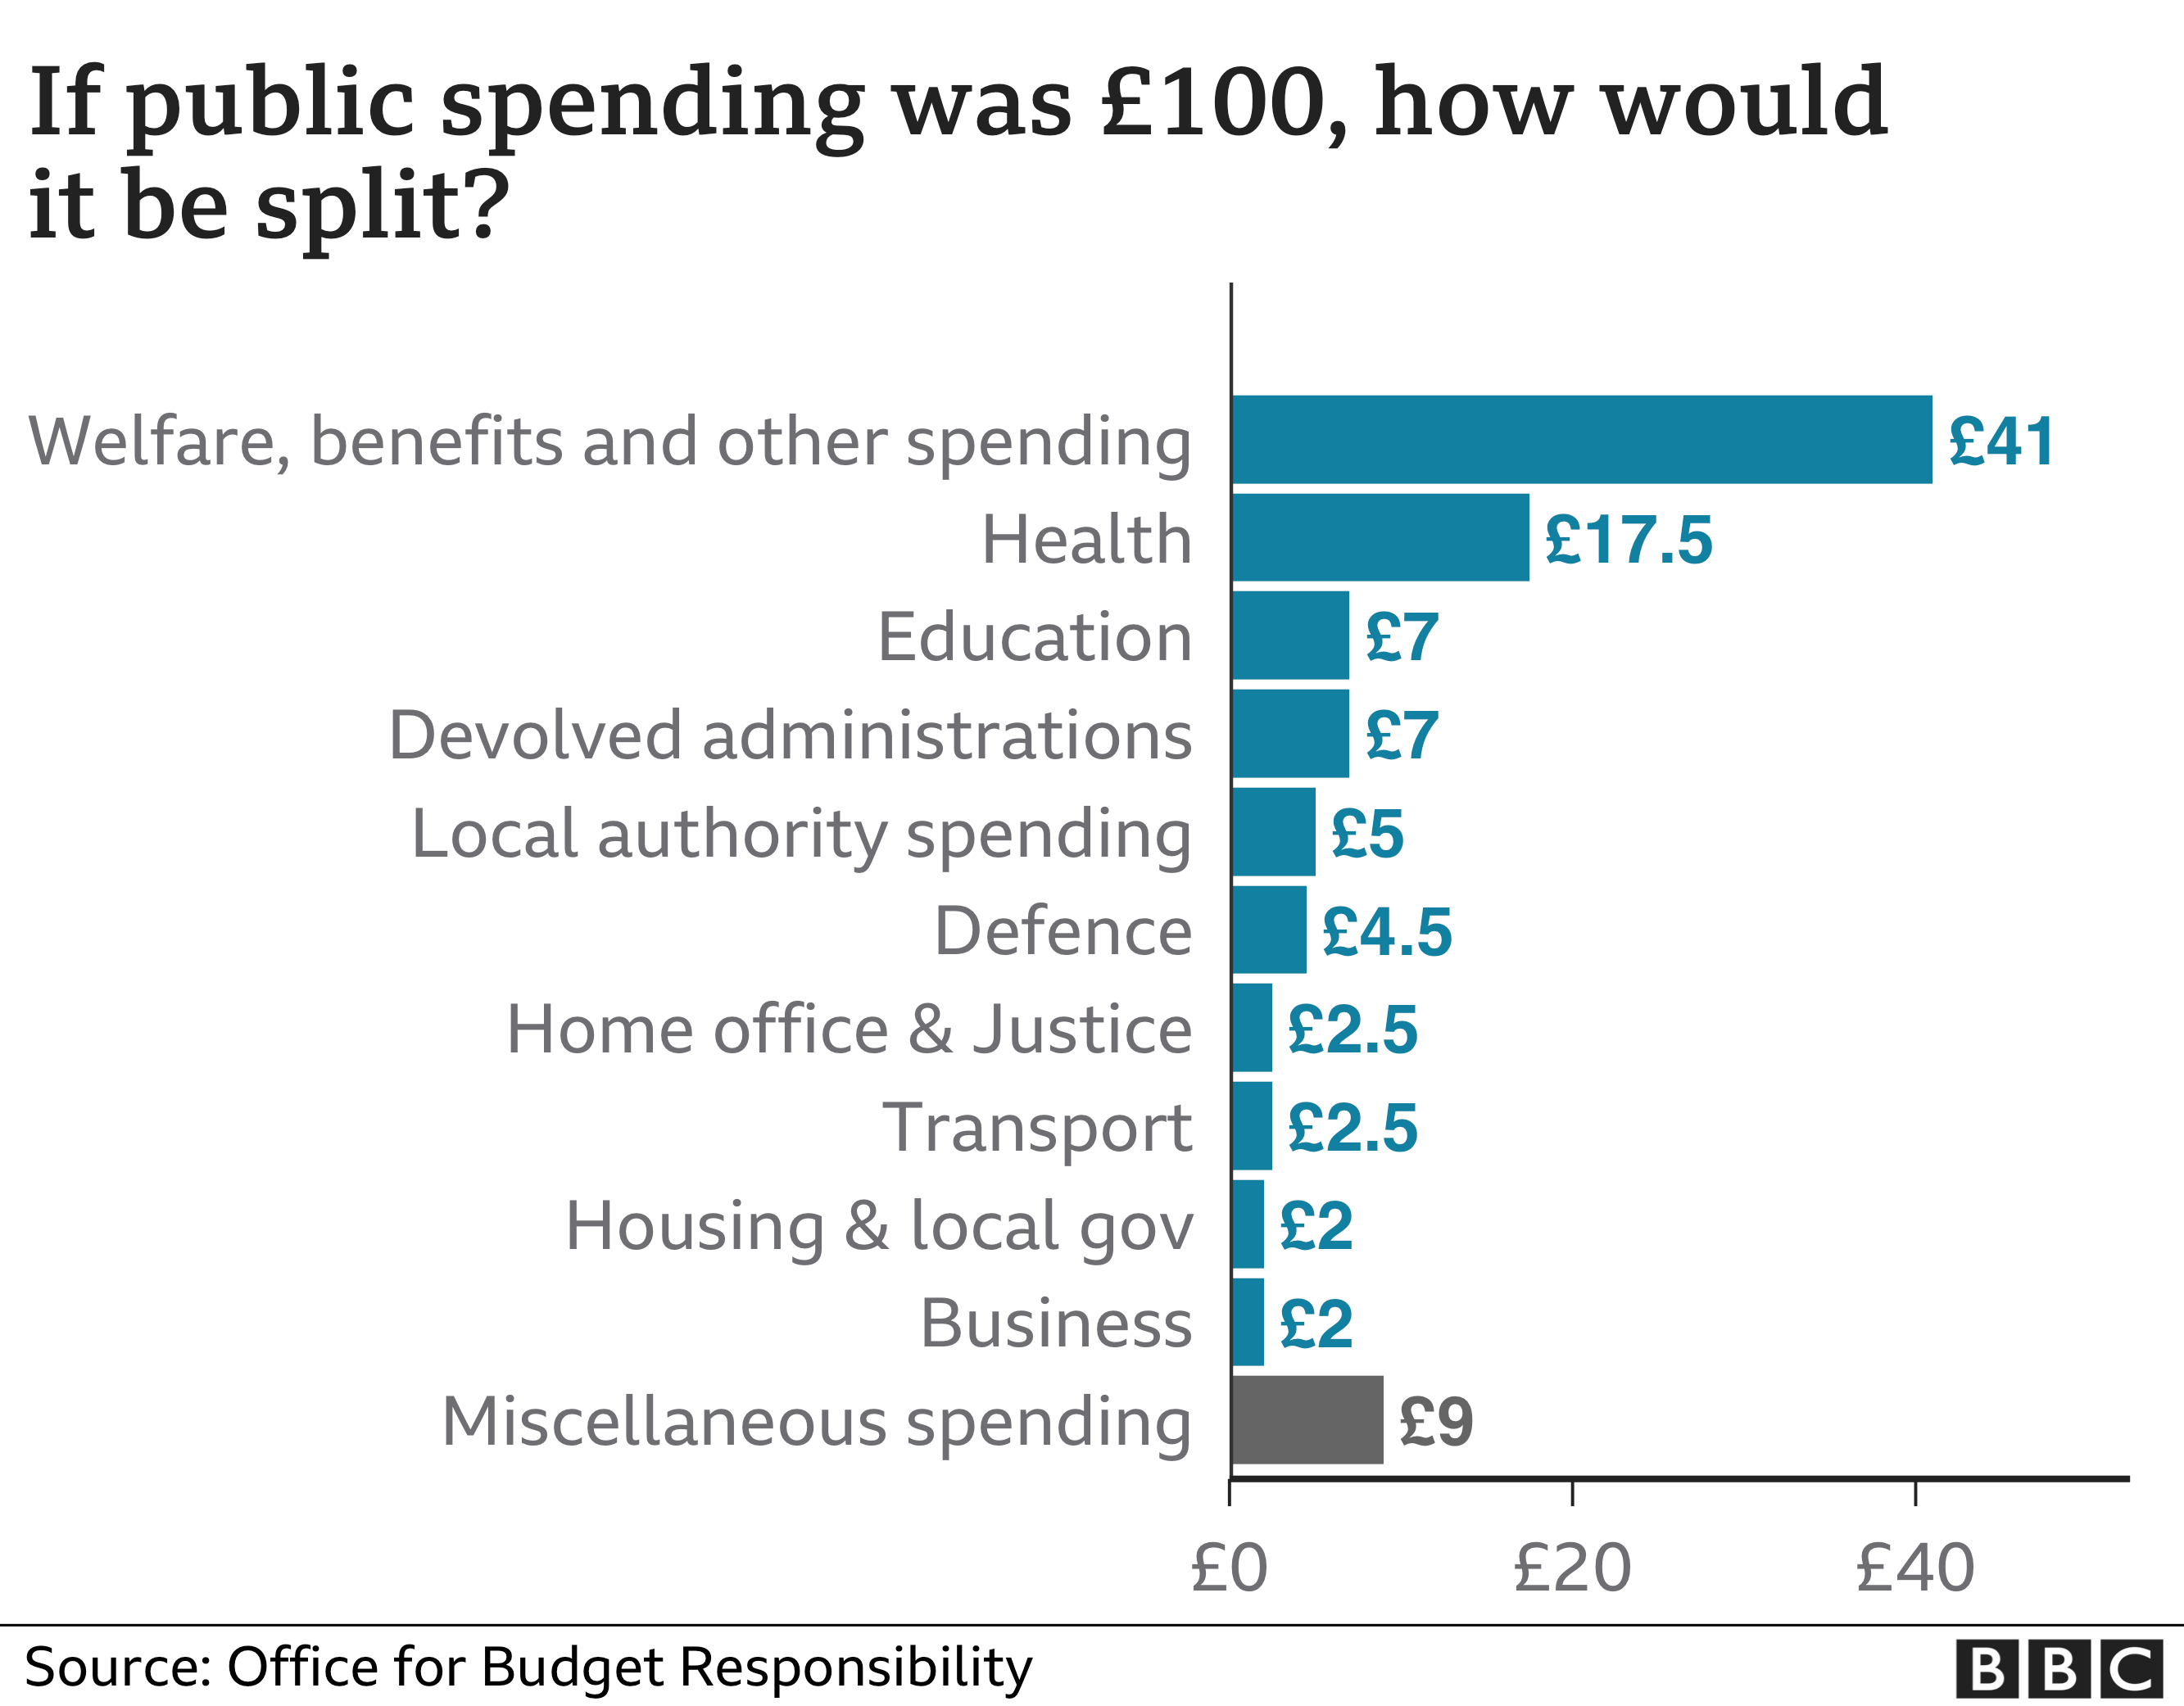 Public spending in £100